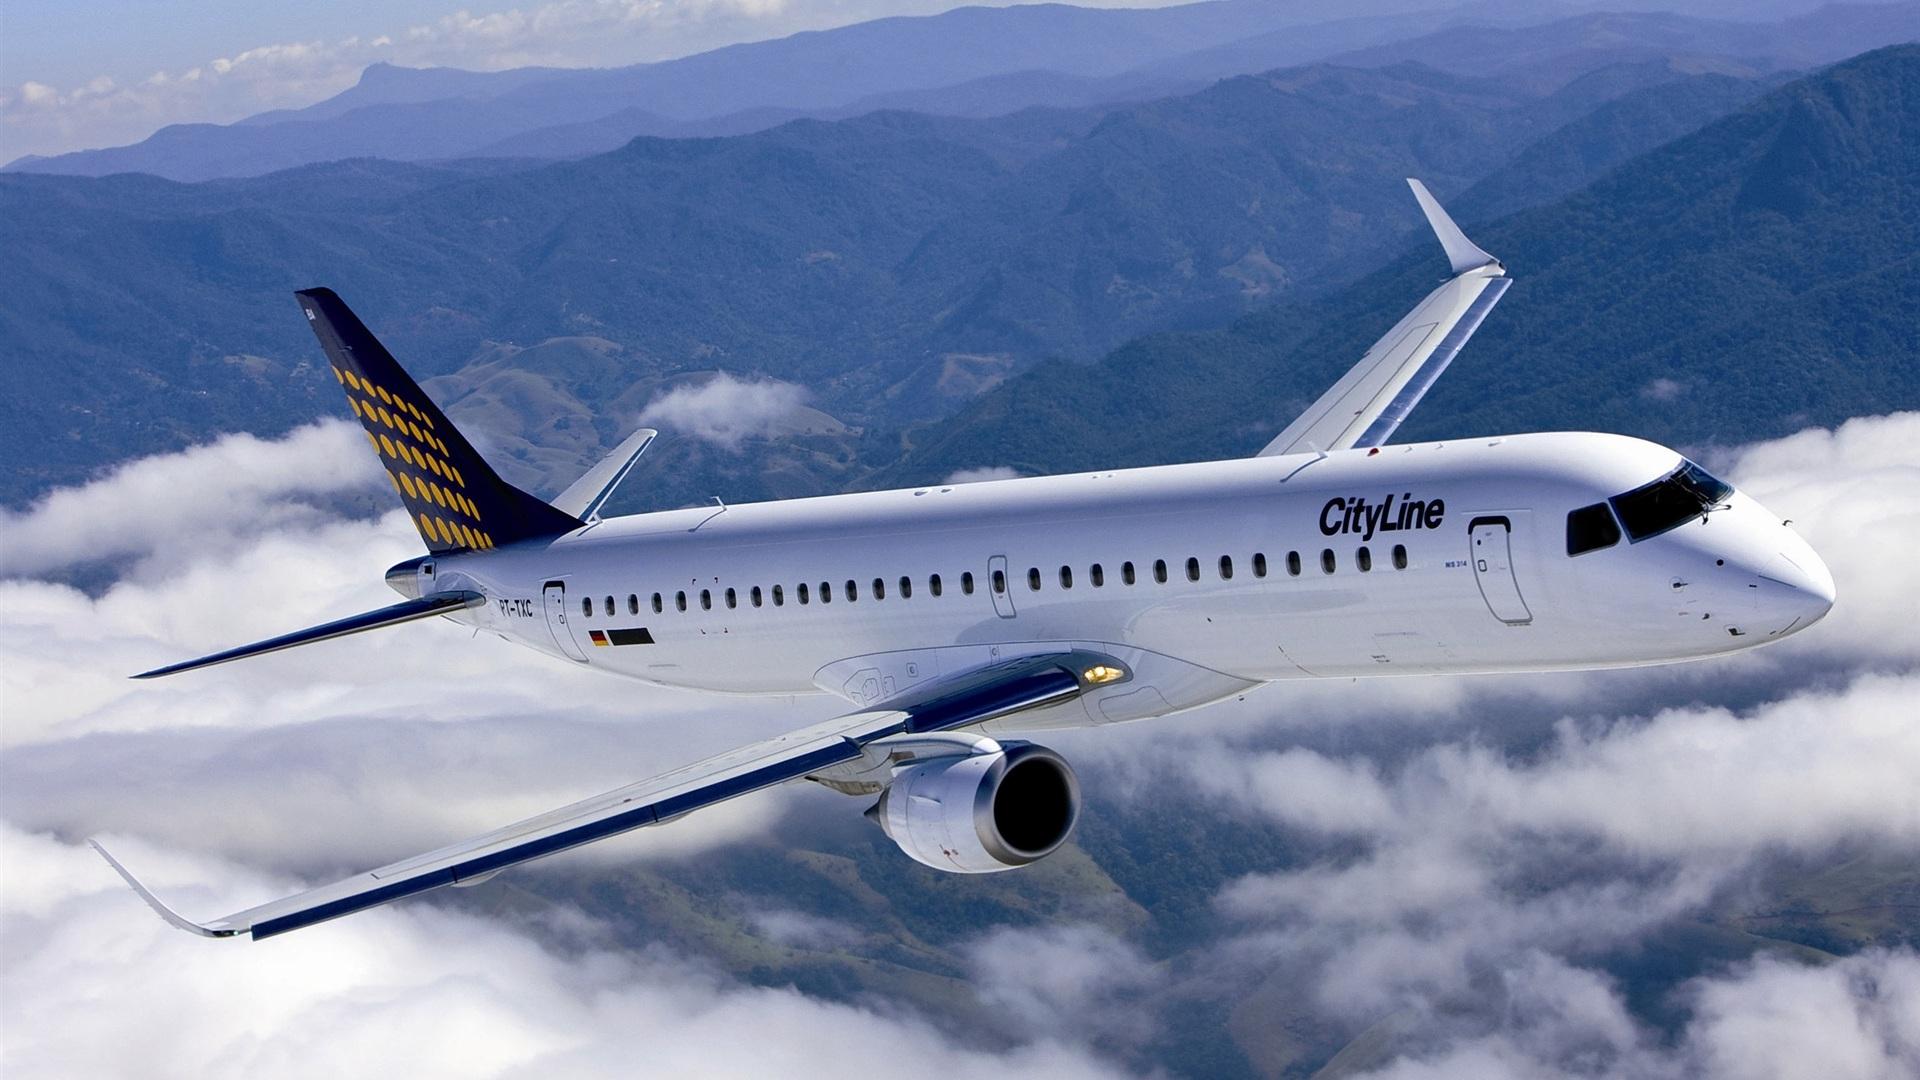 اللون الأبيض للطائرات